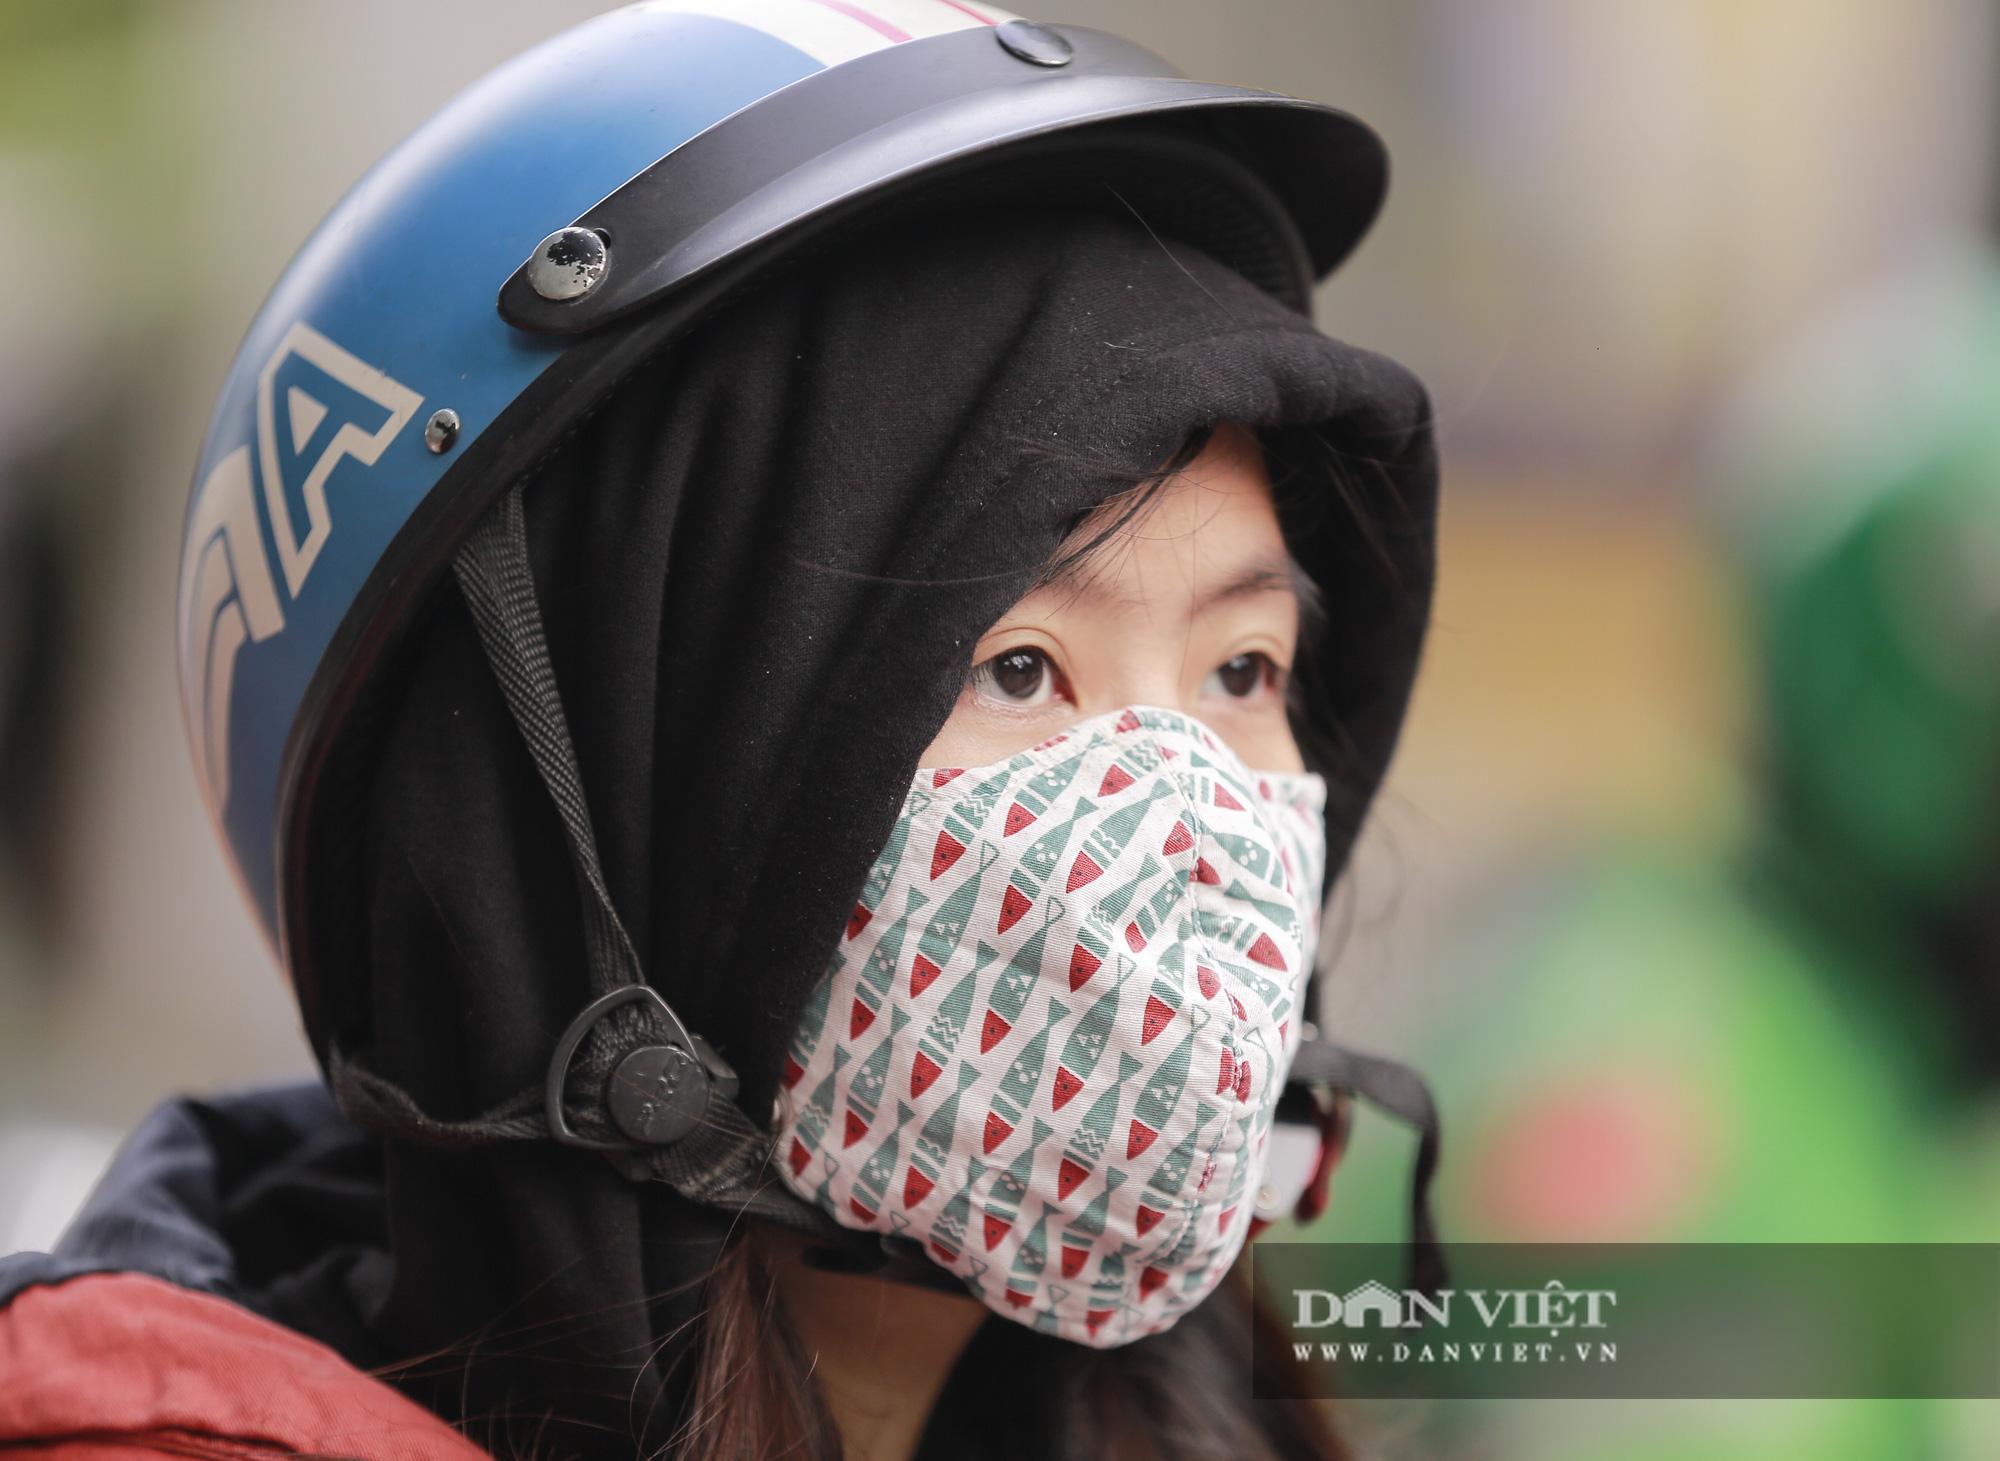 Không khí lạnh tăng cường, người Hà Nội co ro trong cái lạnh 12 độ - Ảnh 7.